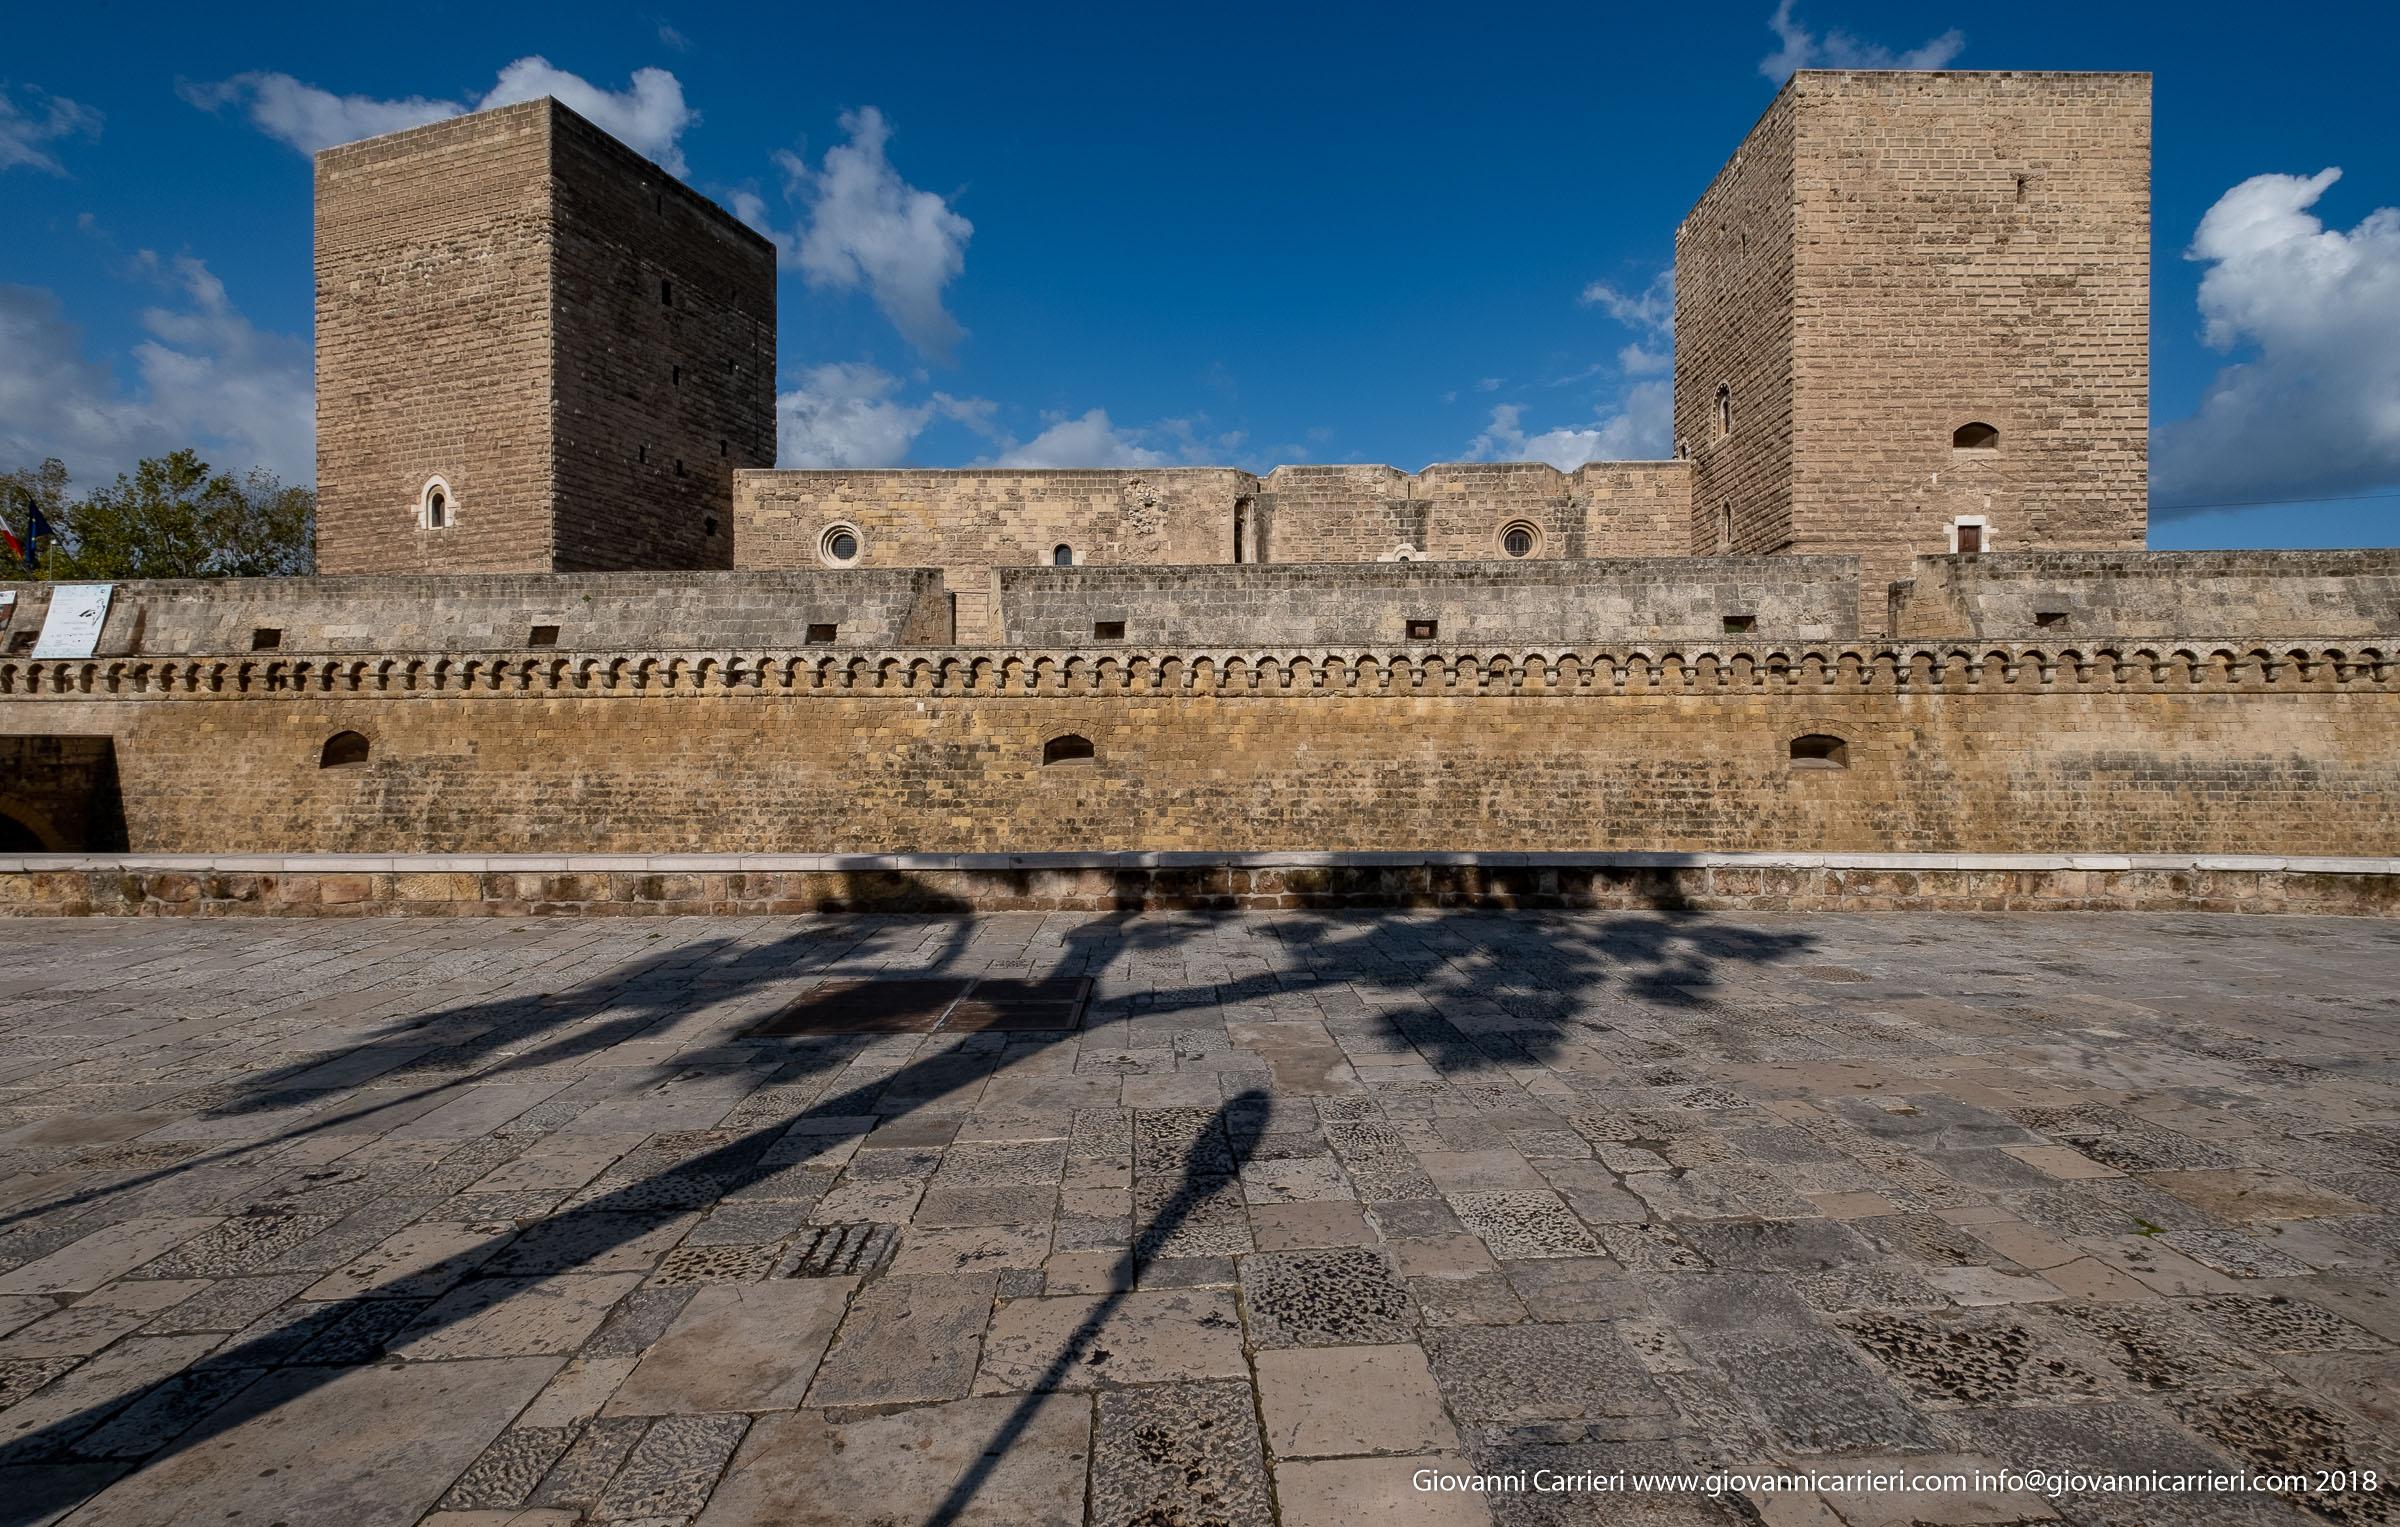 Vista frontale del Castello Normanno Svevo, Bari